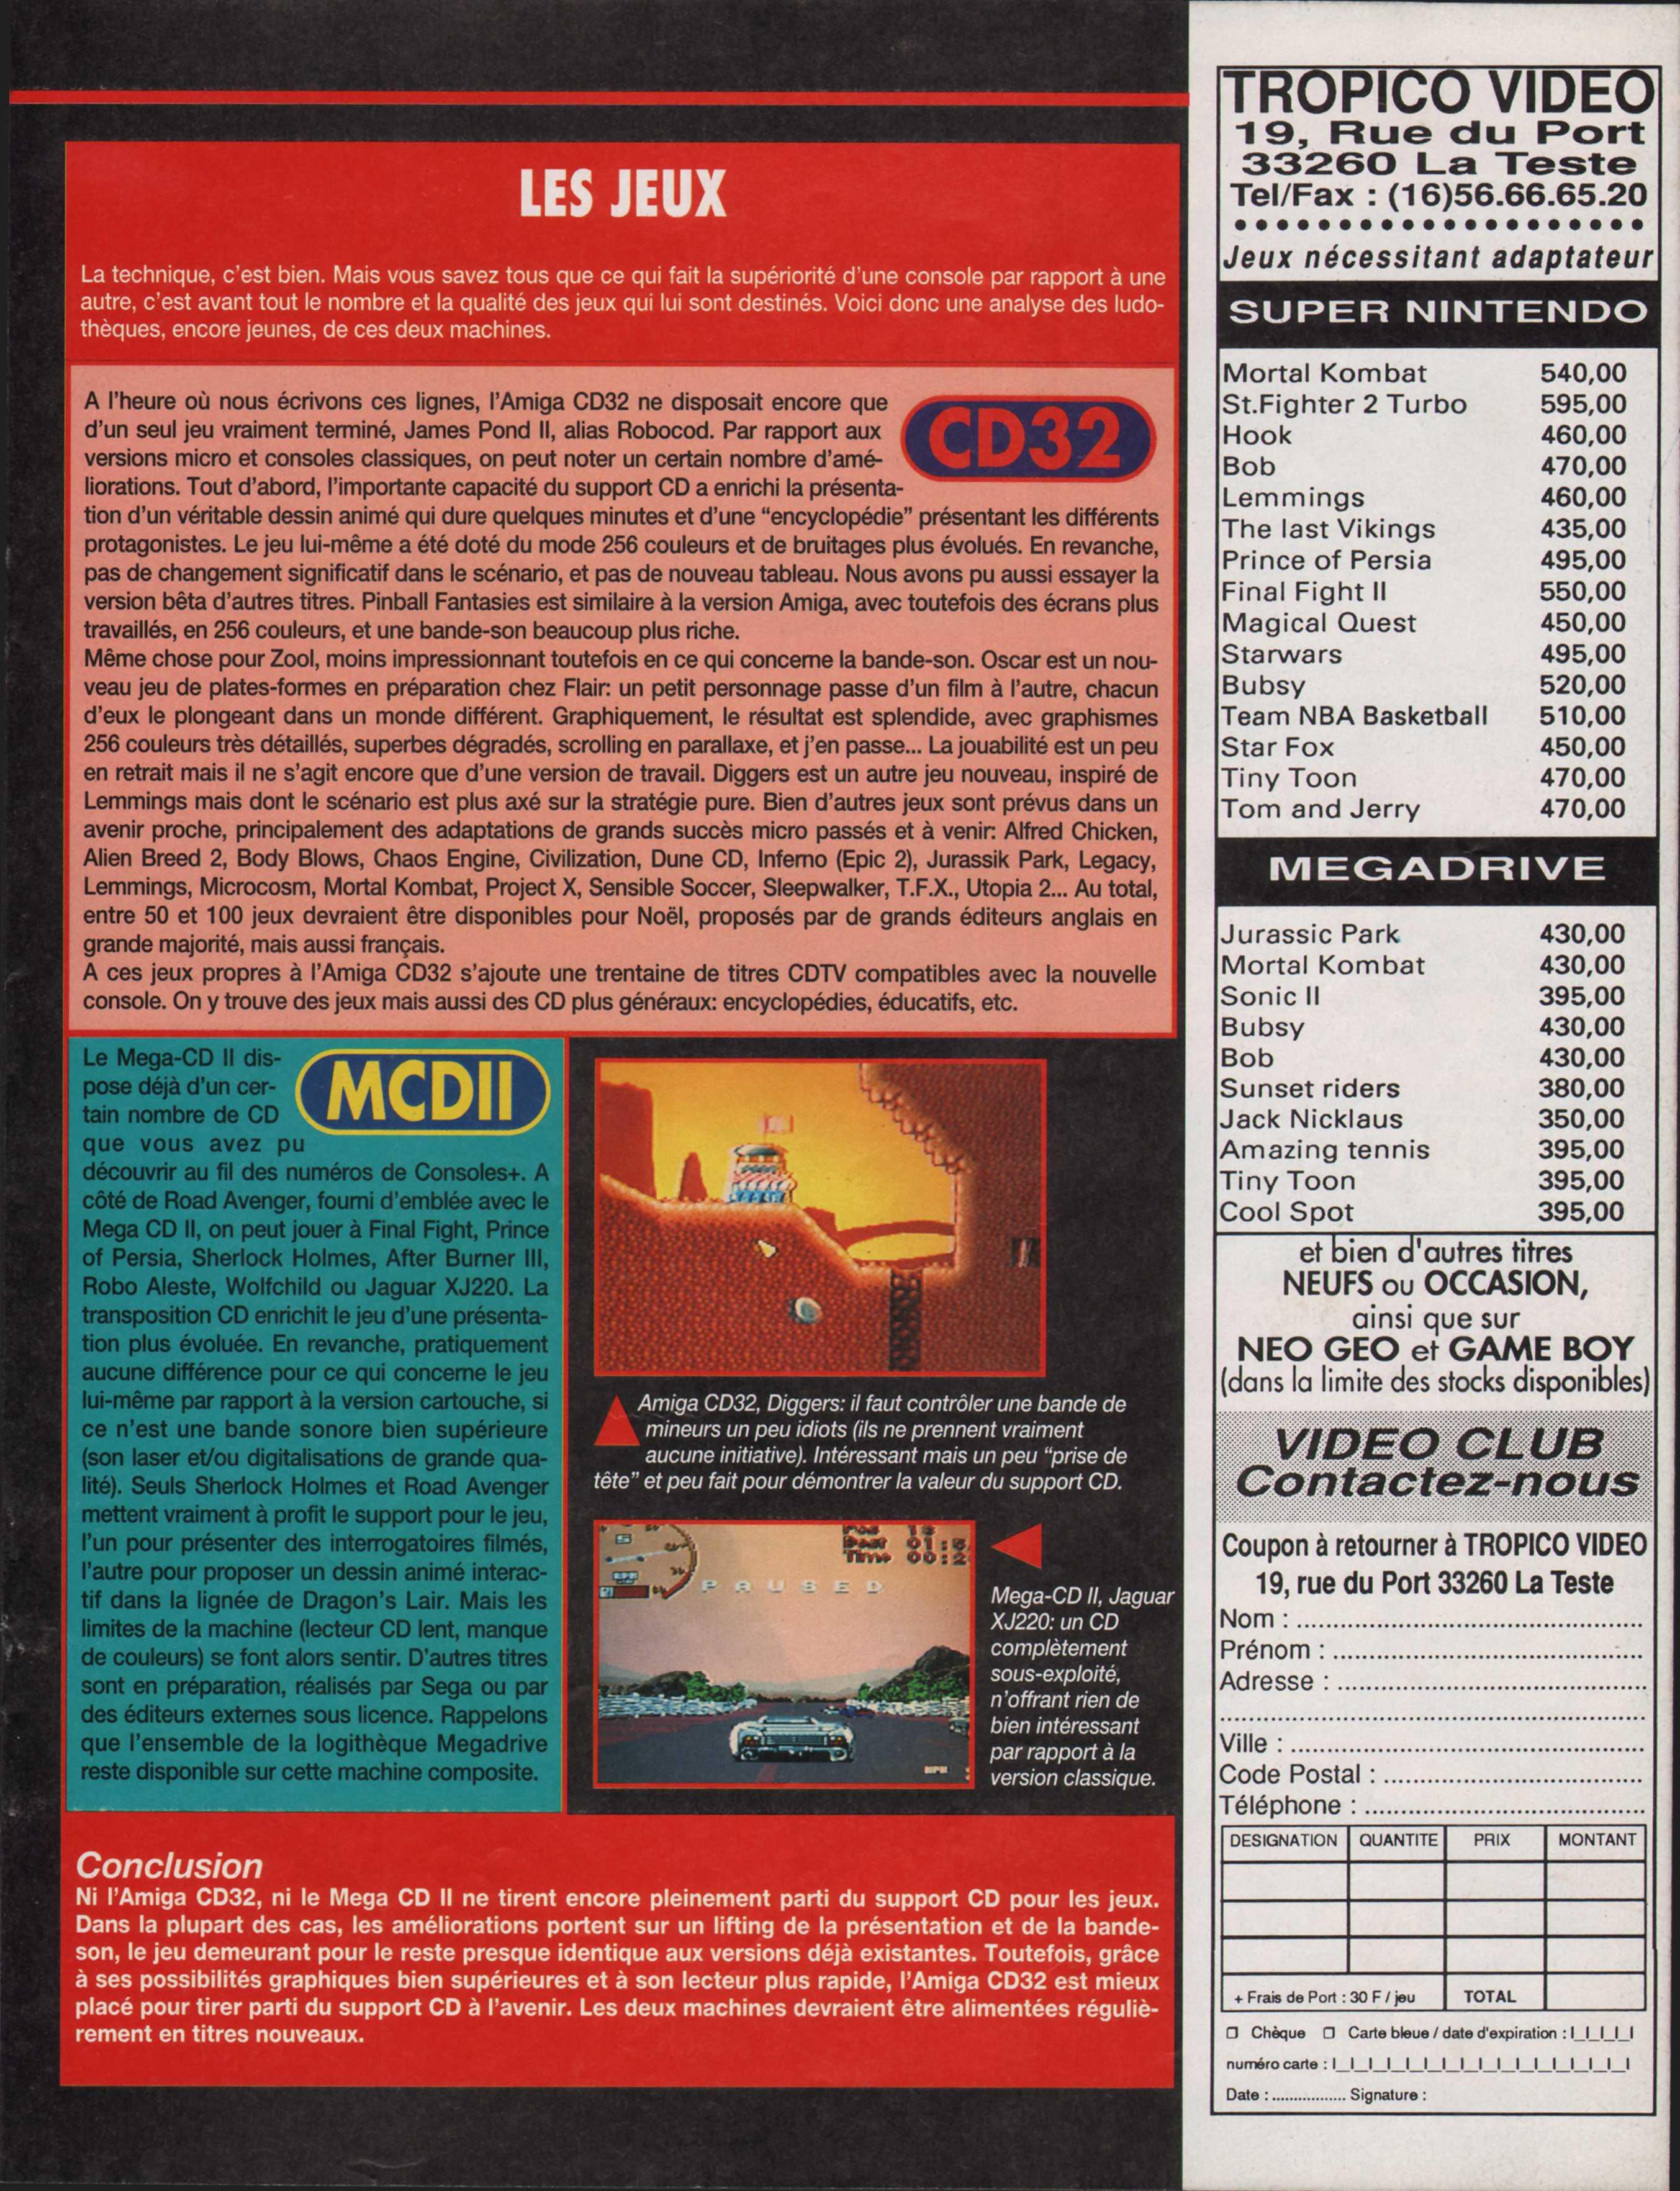 MEGADRIVE vs SUPER NINTENDO : Fight ! - Page 31 Consoles%2B%20024%20-%20Page%20089%20%281993-10%29